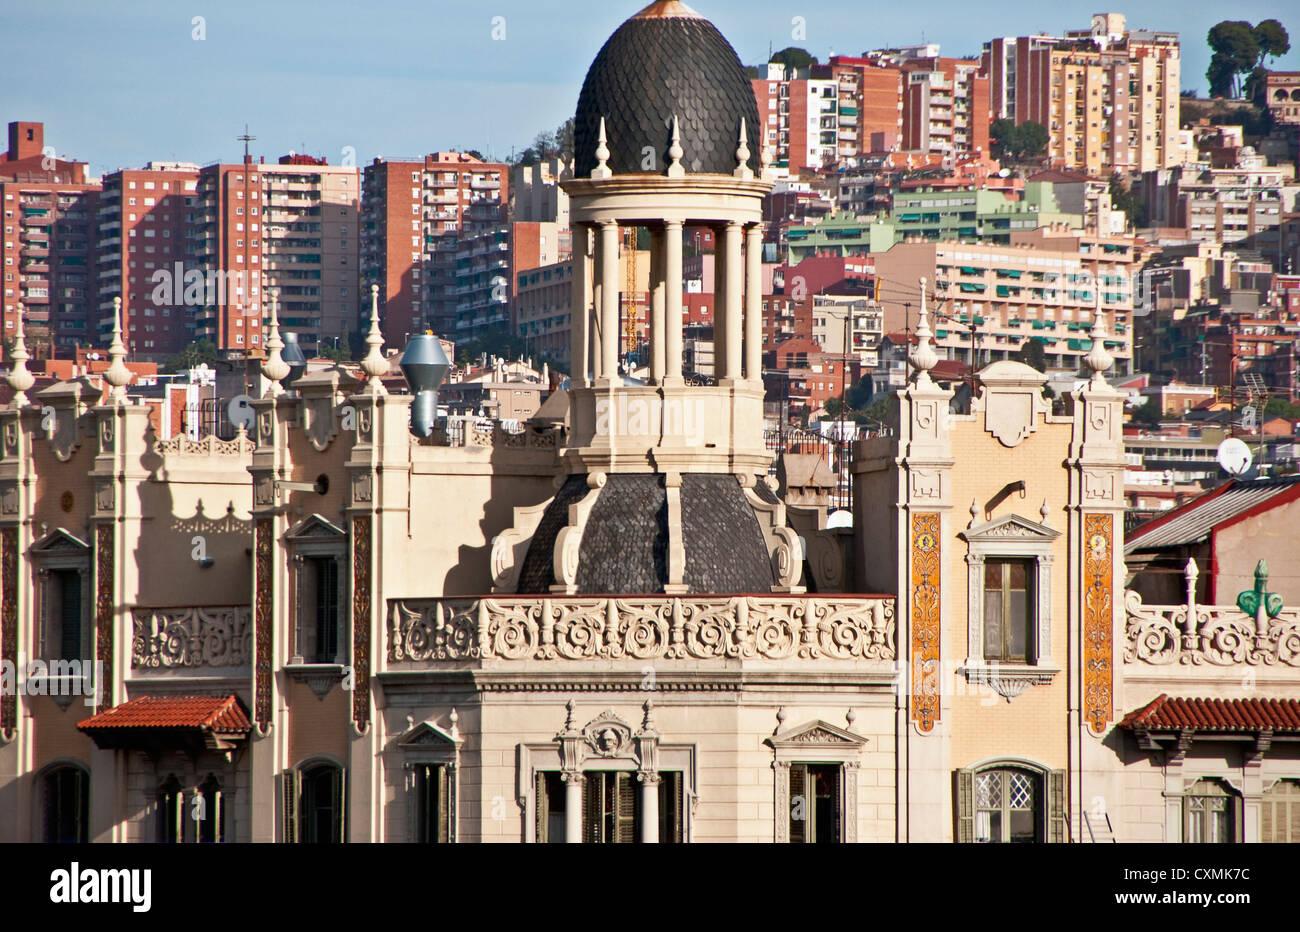 L'architecture de Barcelone allant de l'à l'ordinaire Photo Stock